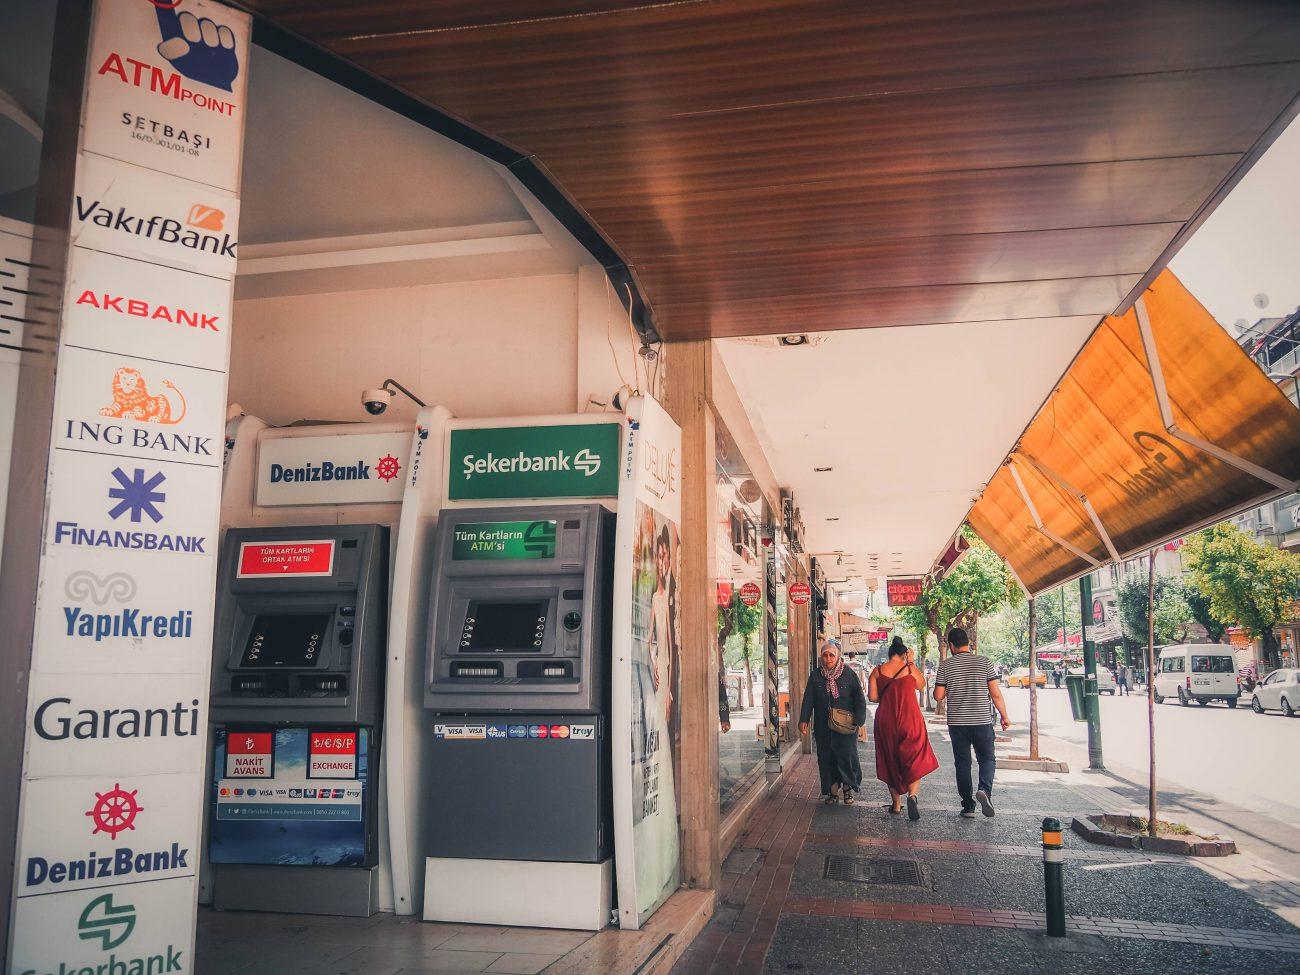 Geldautomaten (ATM) in der Türkei